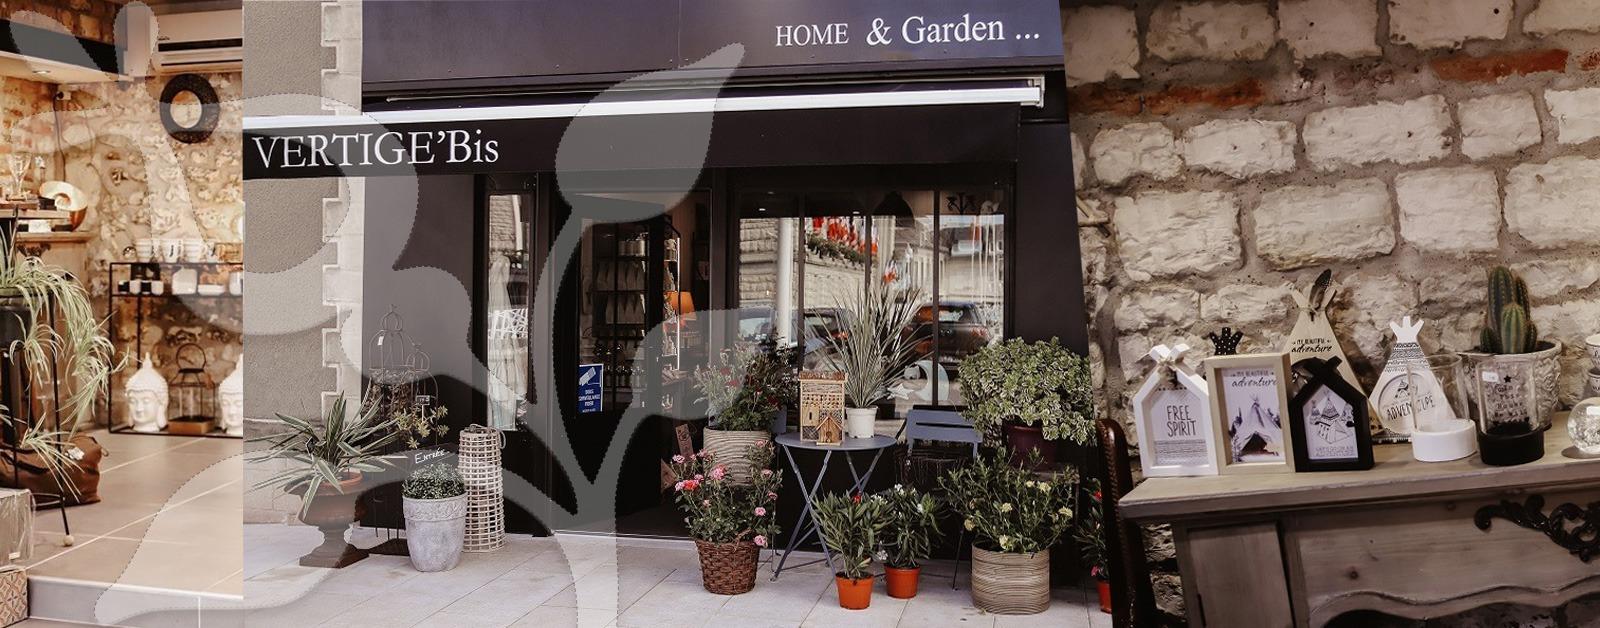 Espace HOME & Garden by Vertige